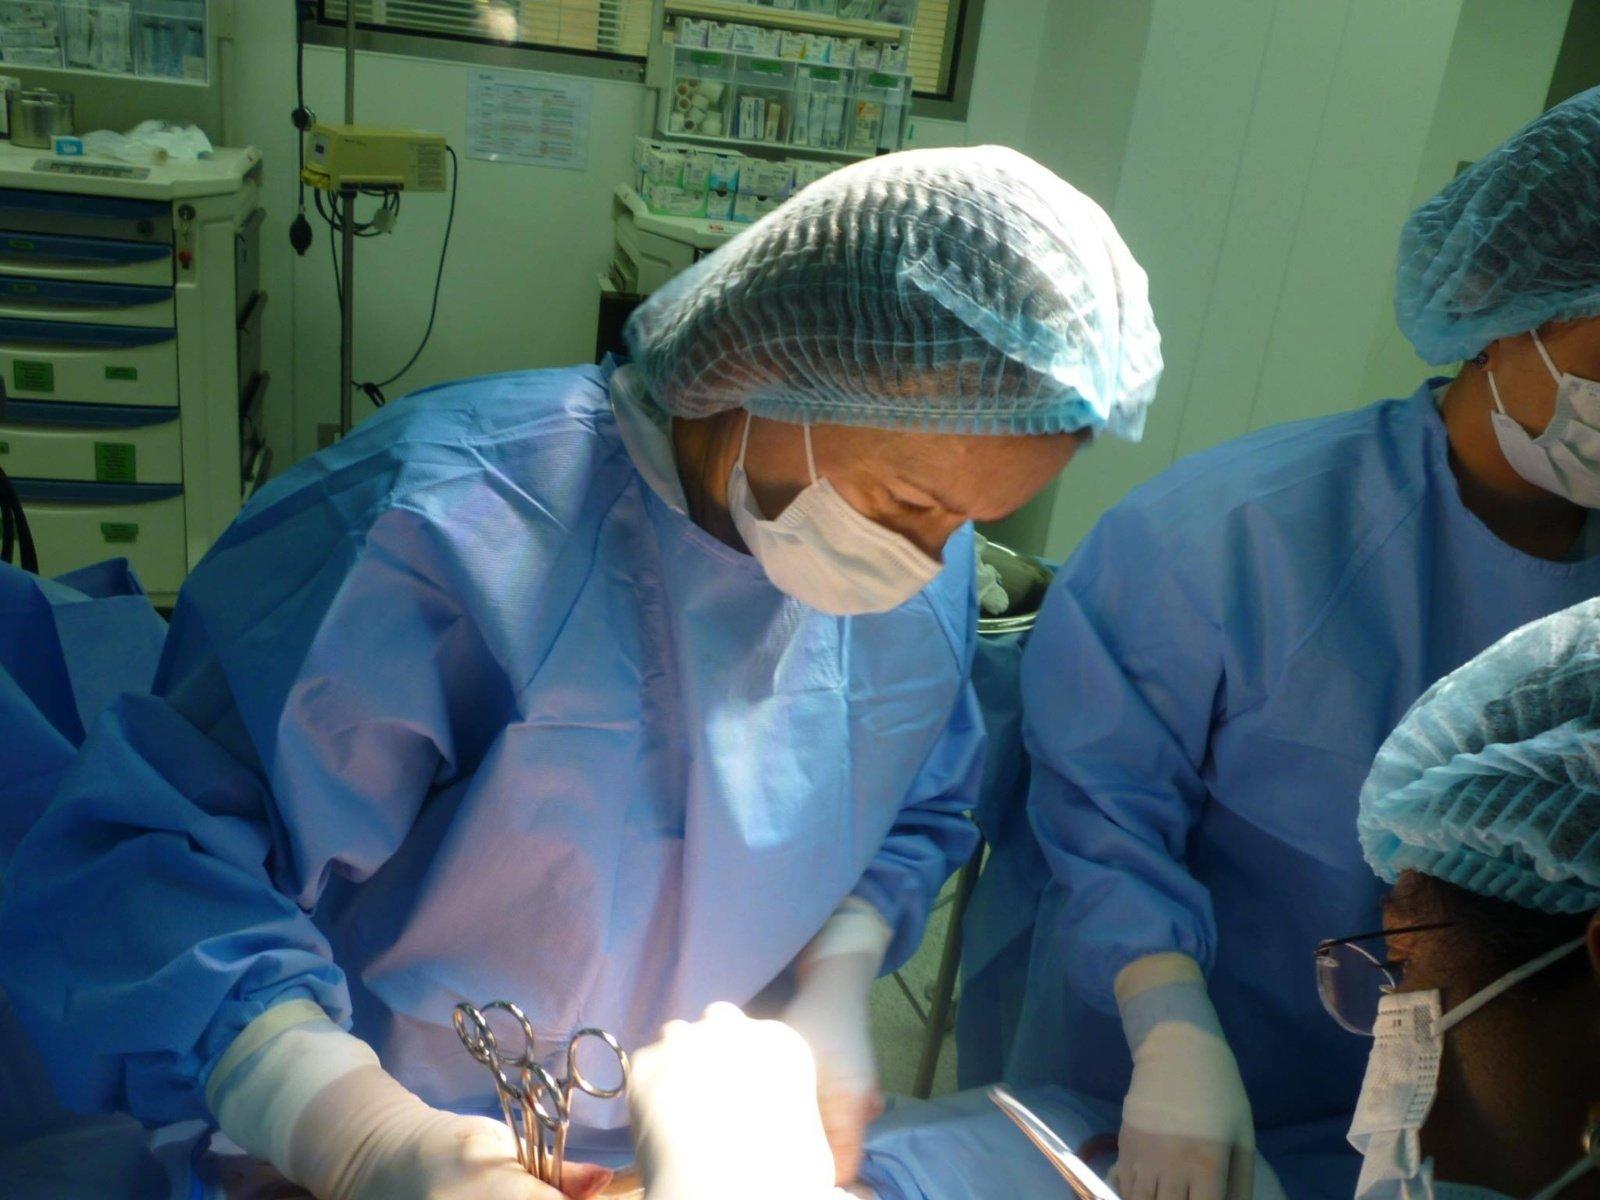 Dubajuje dirbanti lietuvė gydytoja gyvena tarsi ant peilio ašmenų: kišenėje visada – pasas ir bilietas į Lietuvą